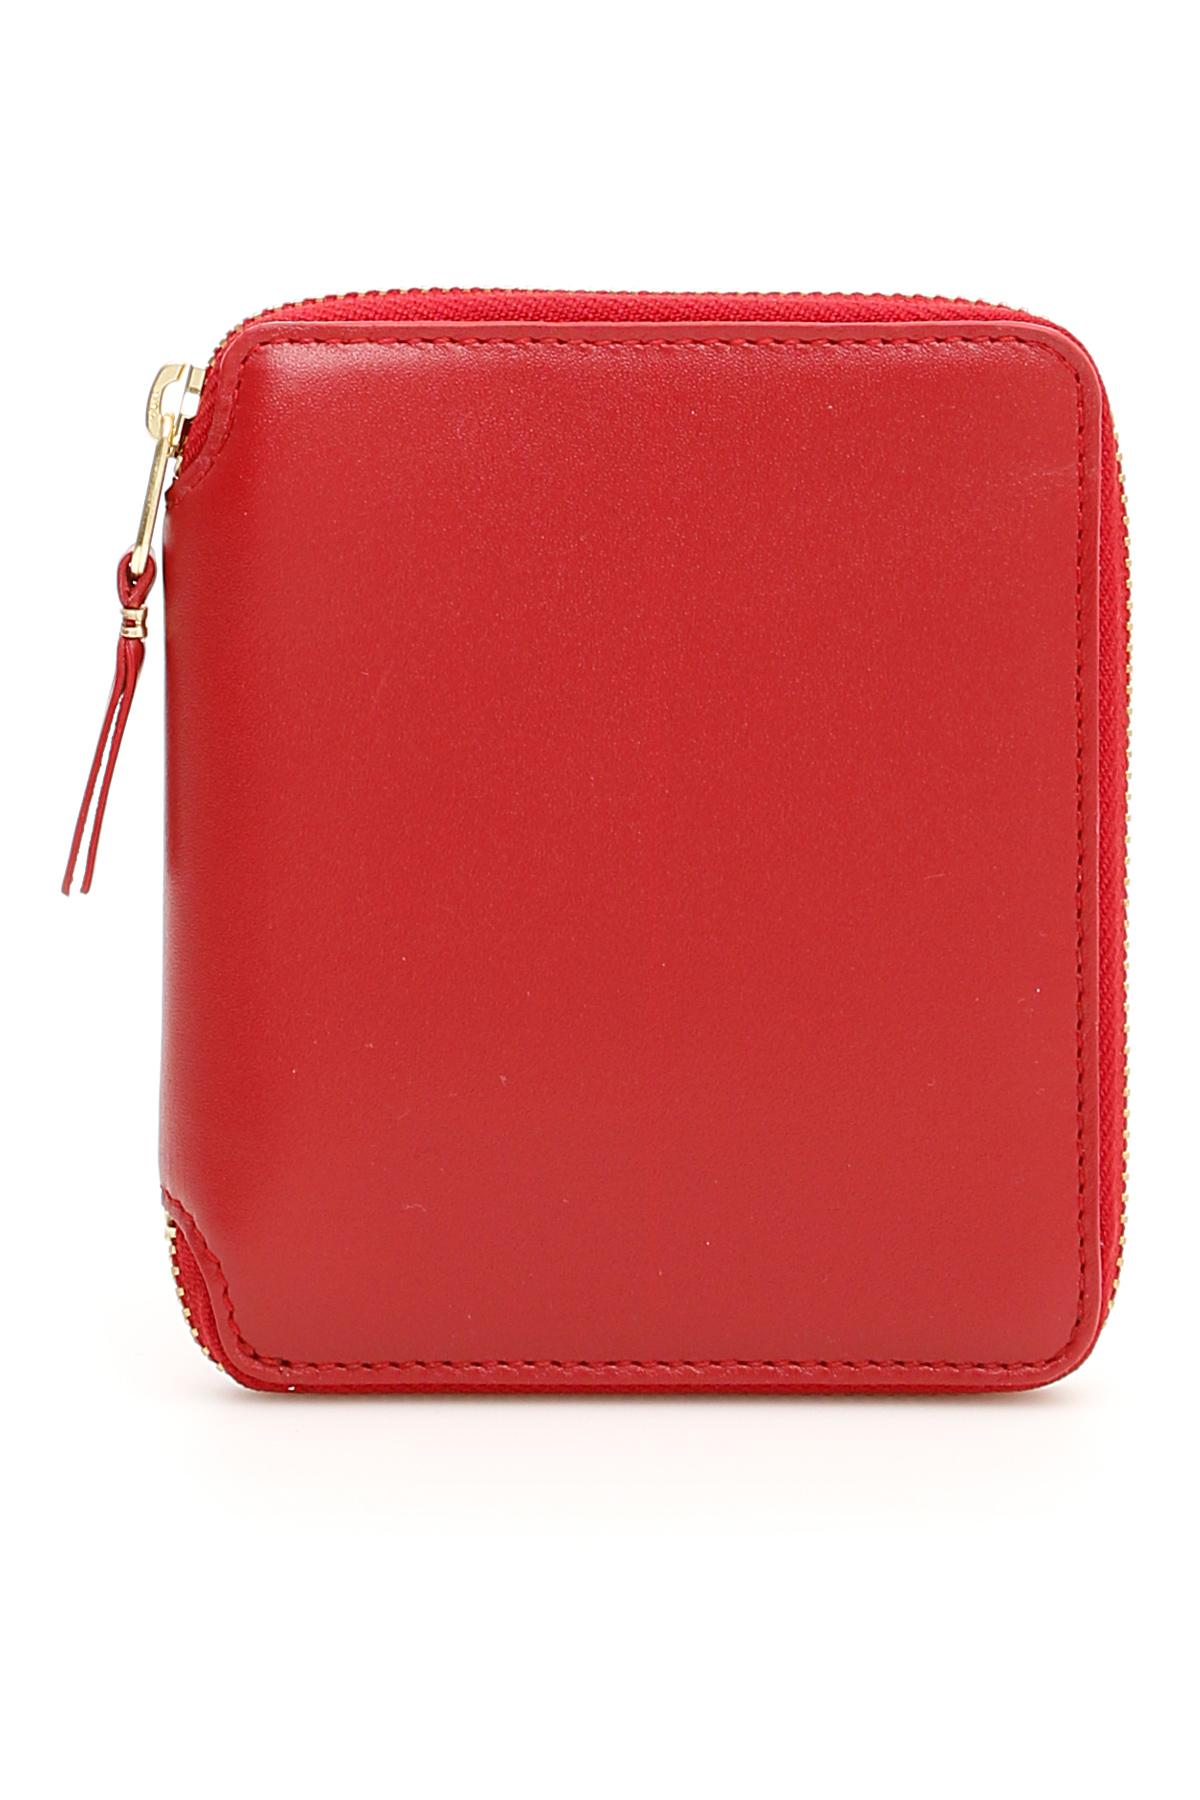 Comme des garcons wallet portafoglio color block